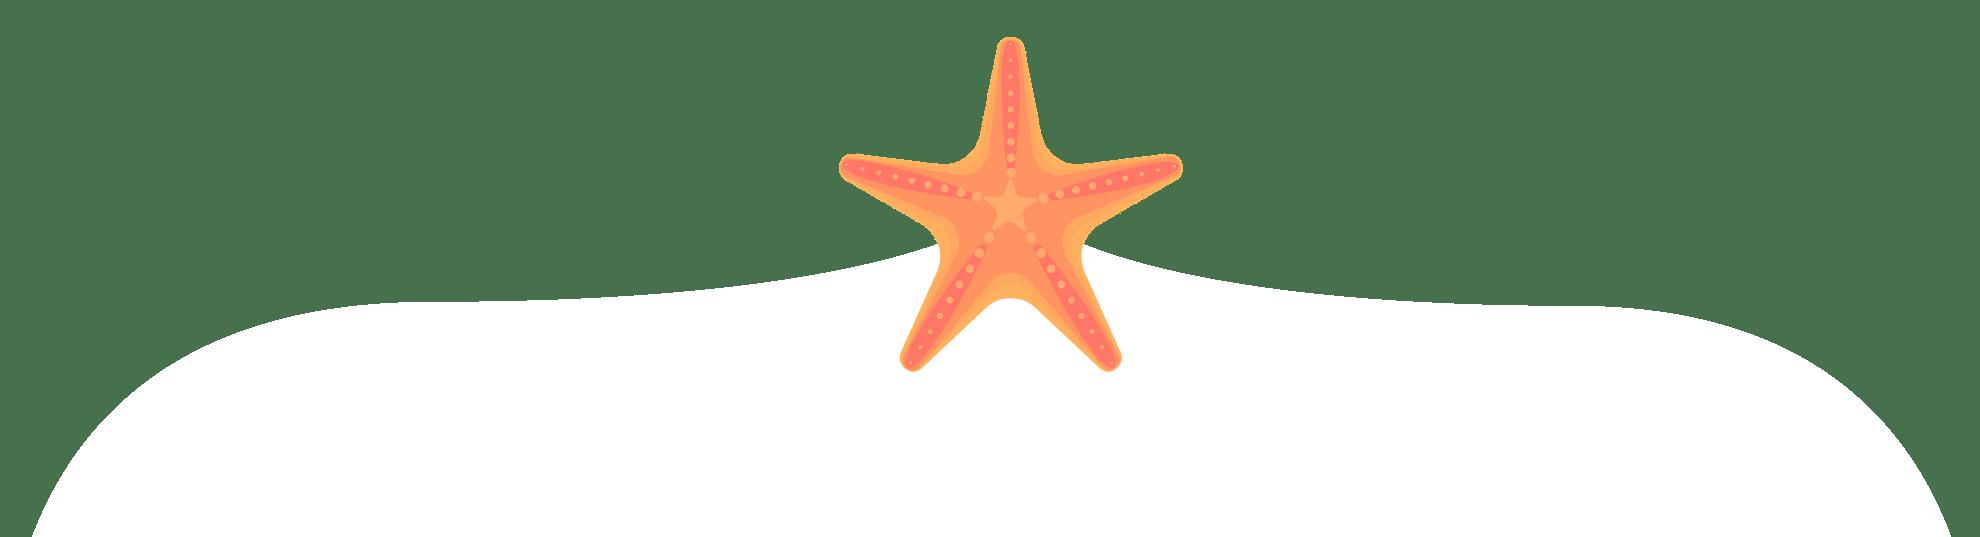 StarfishBracket